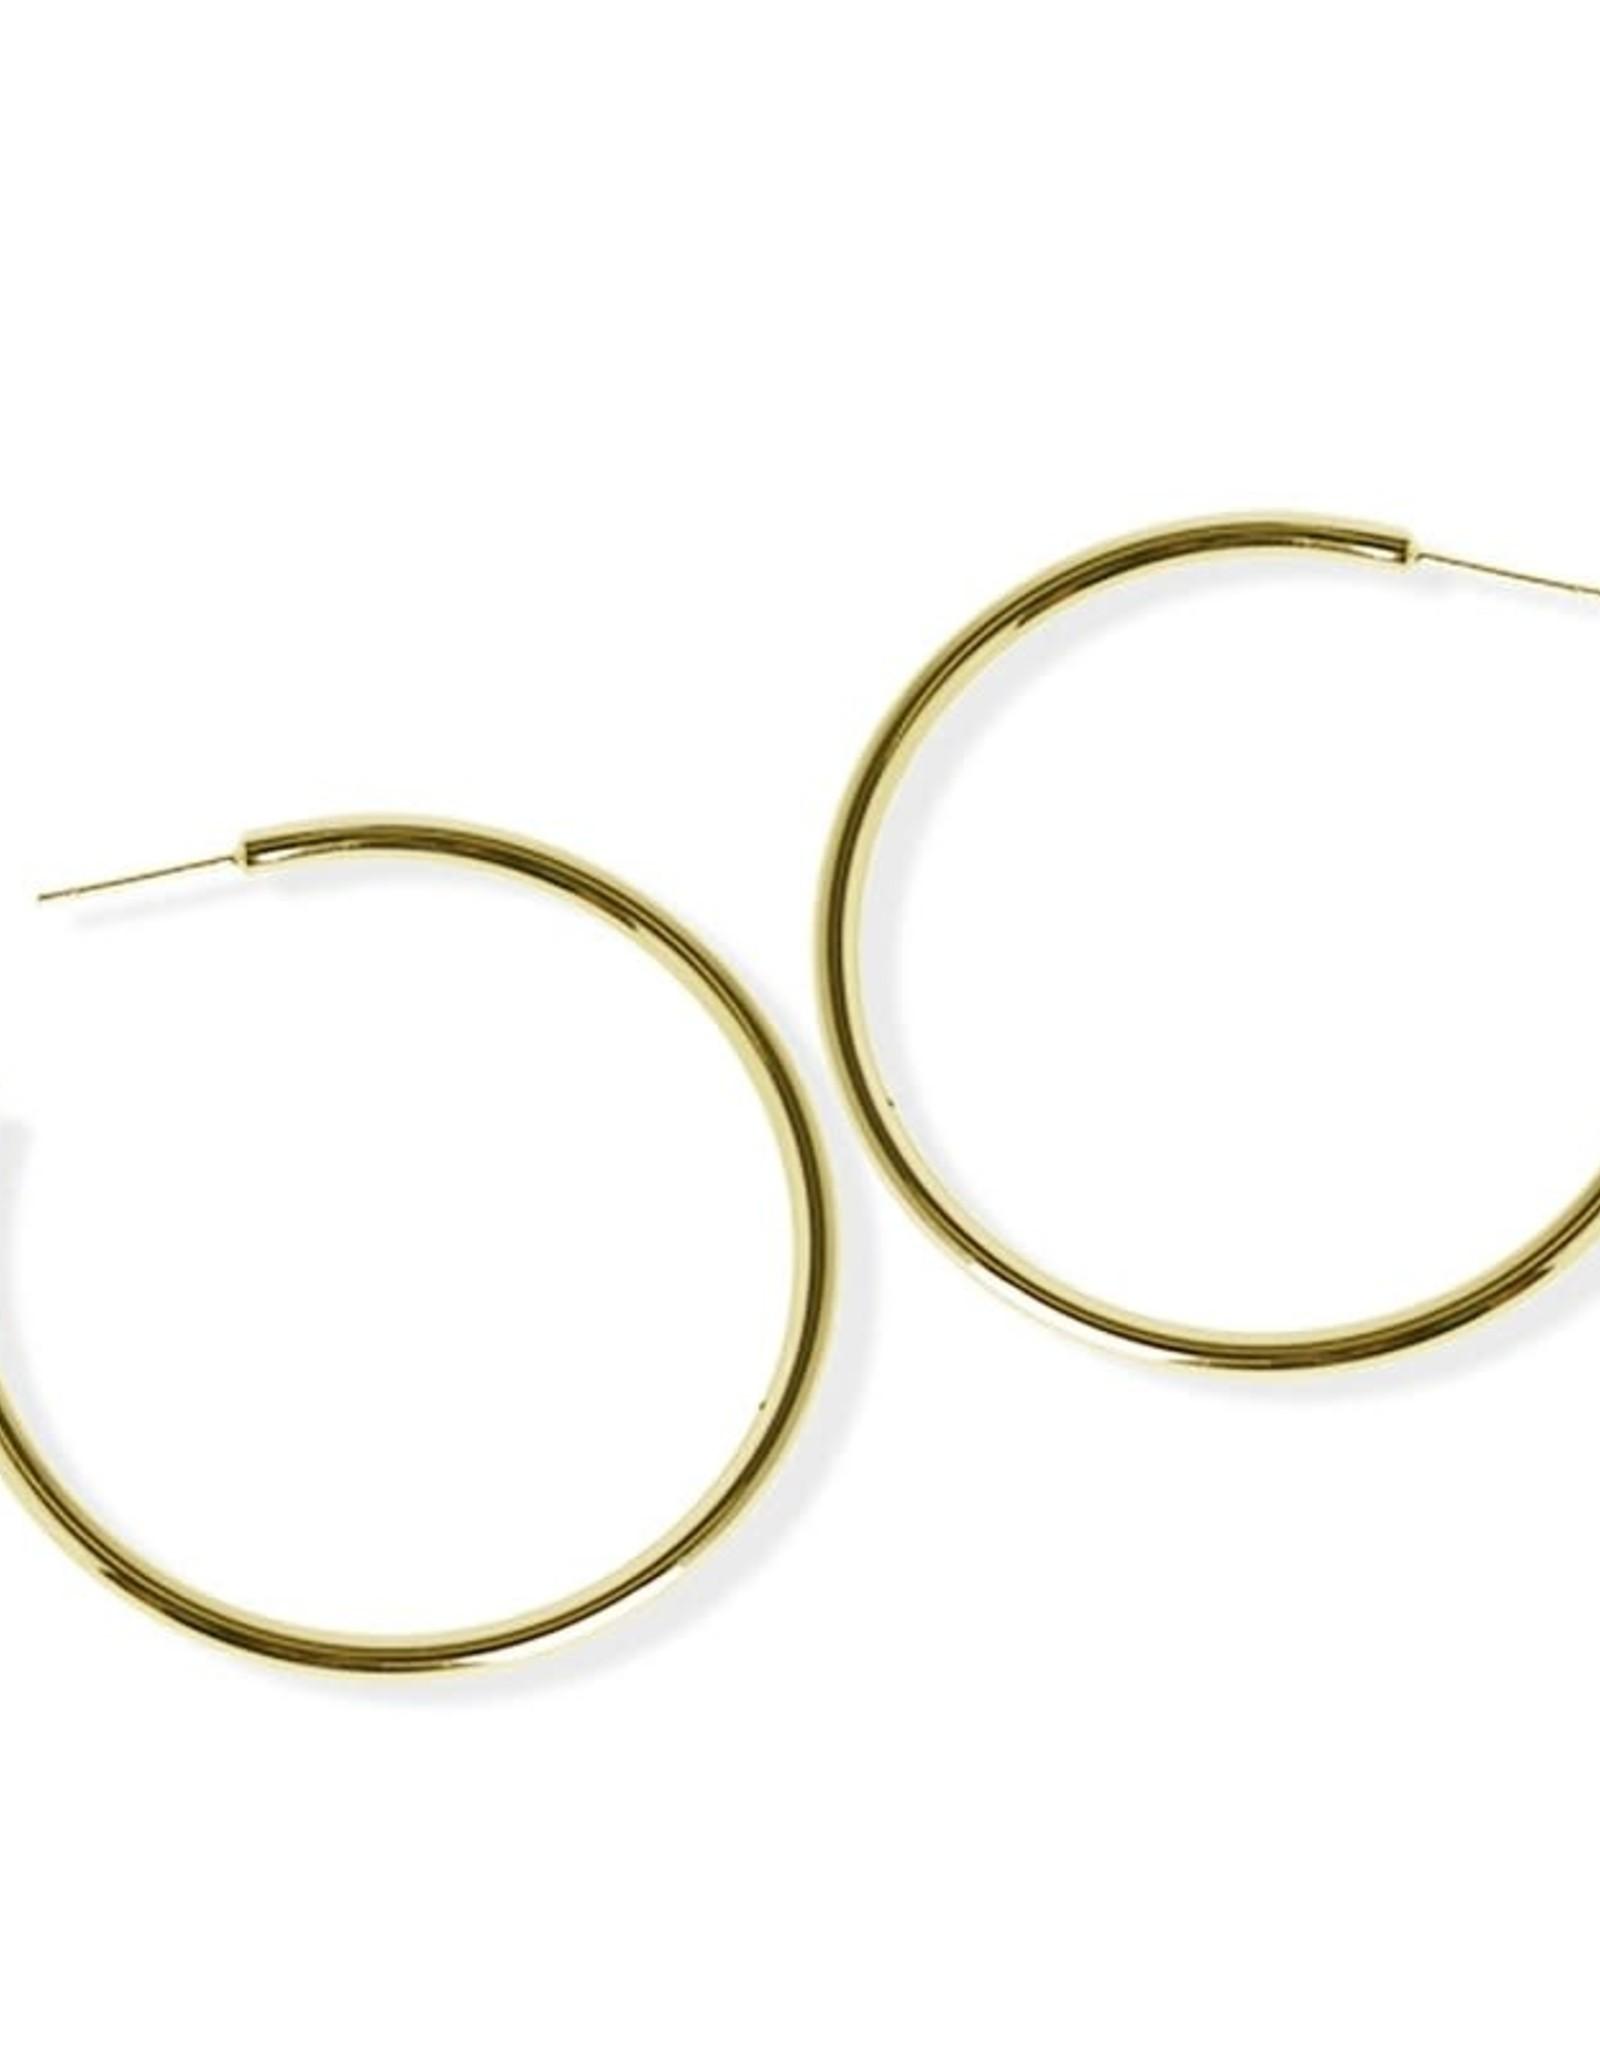 Fab accessories Boucle d'oreilles - Anneaux luxe en acier inoxydable